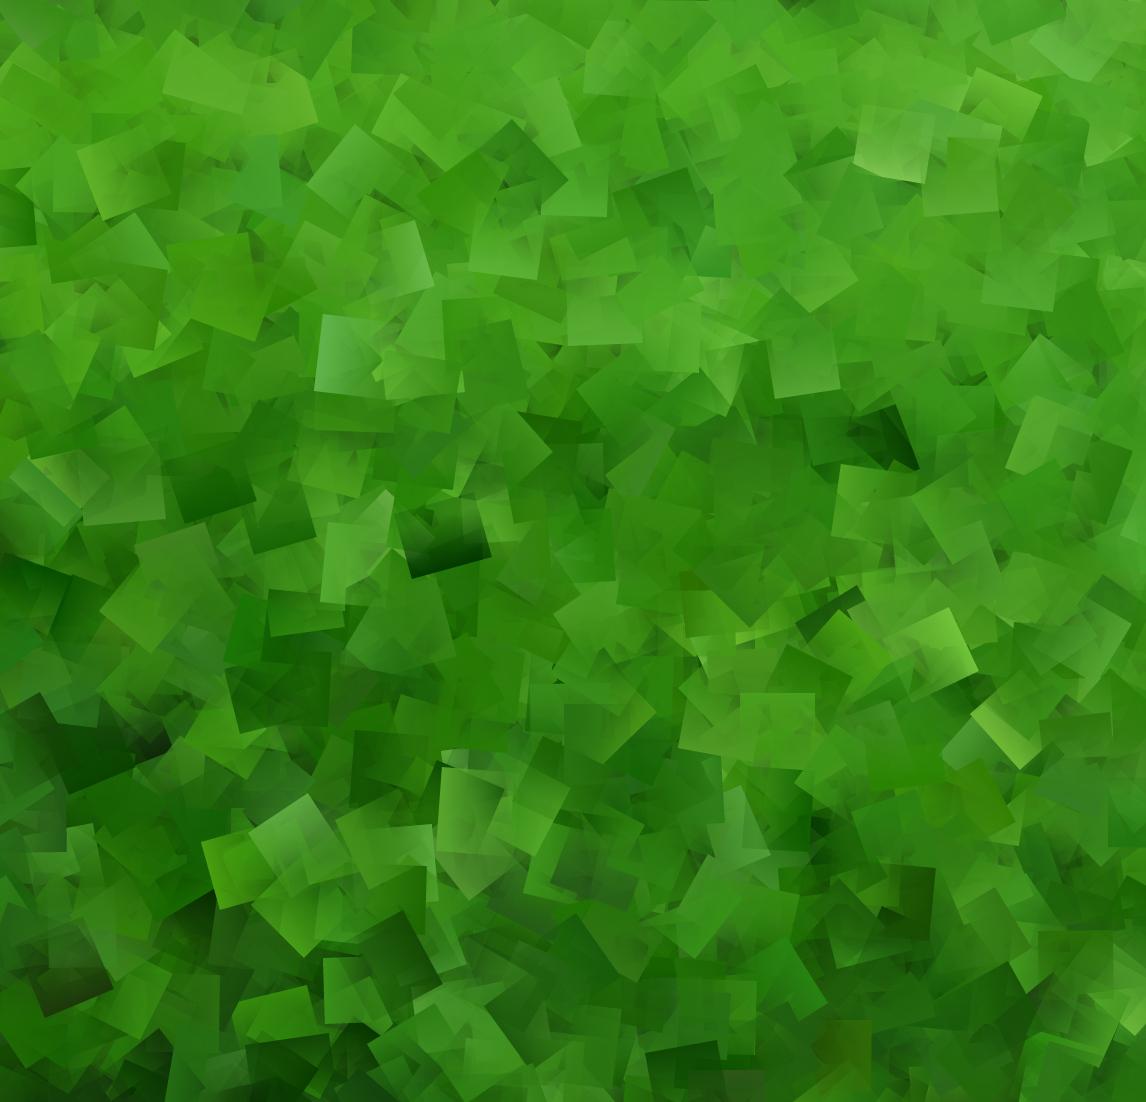 Grass Squares